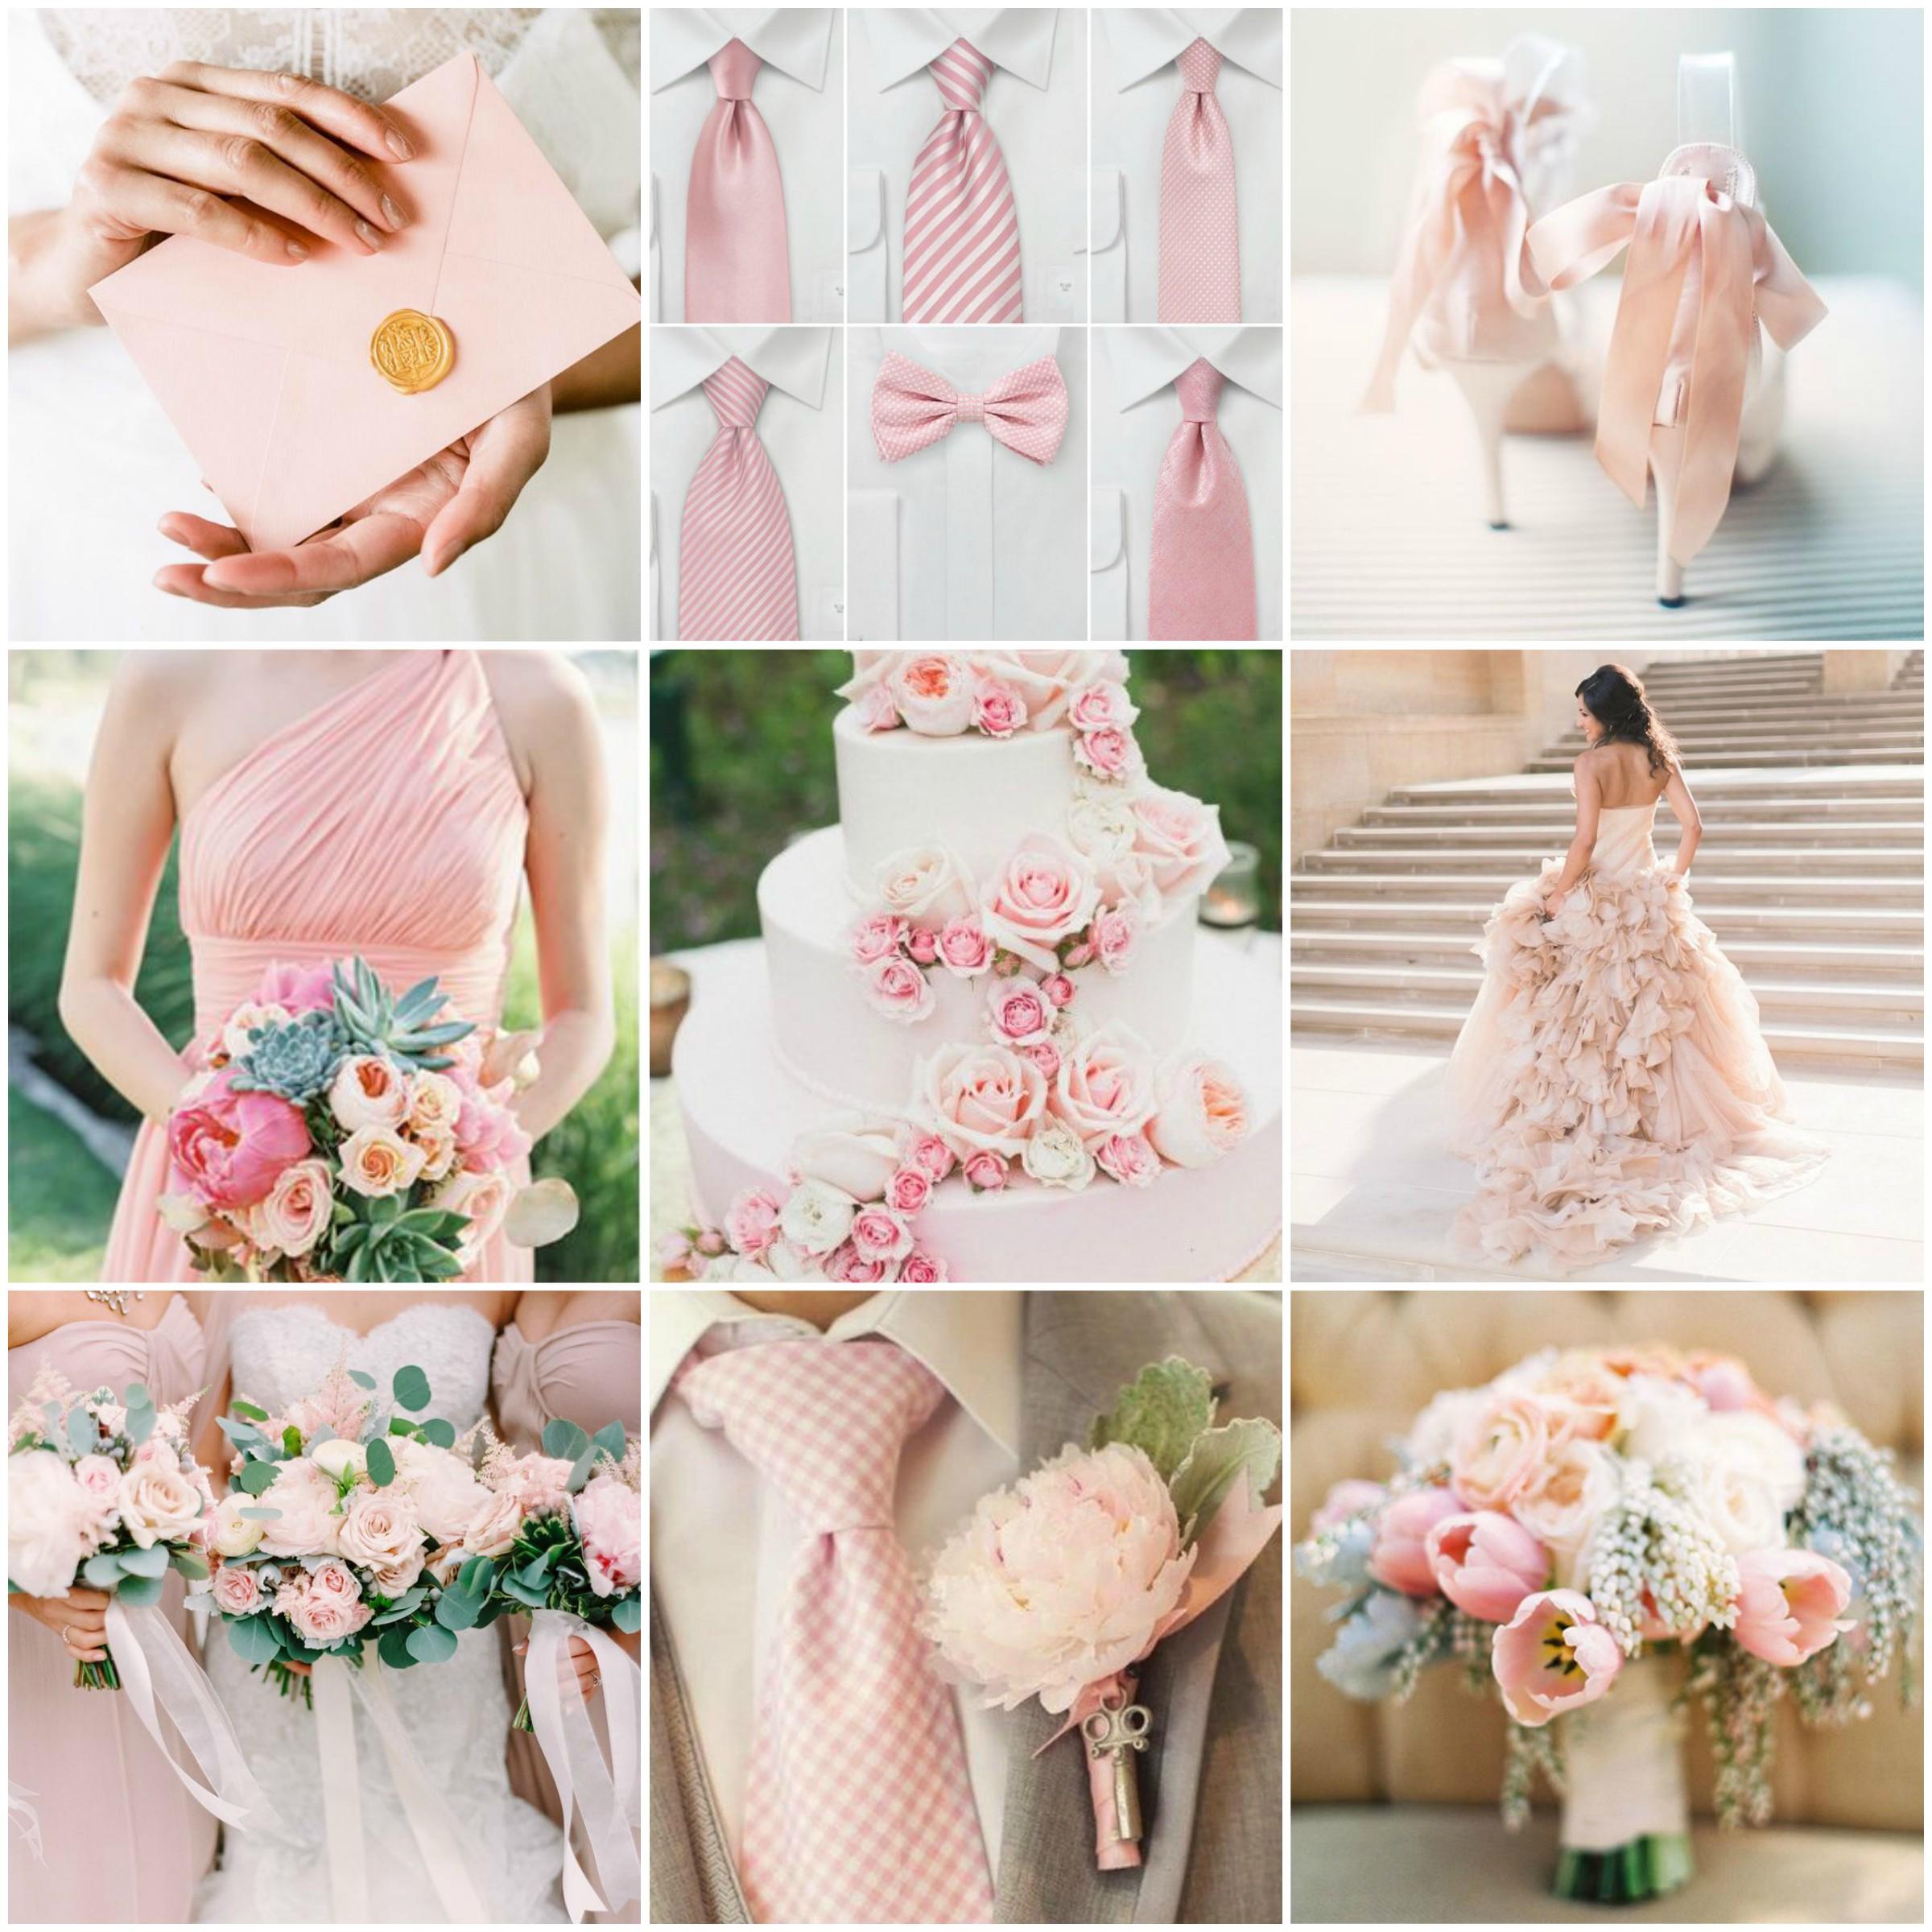 Milyen esküvőm legyen  - Élj Színesen és Stílusosan 257a5c91b4